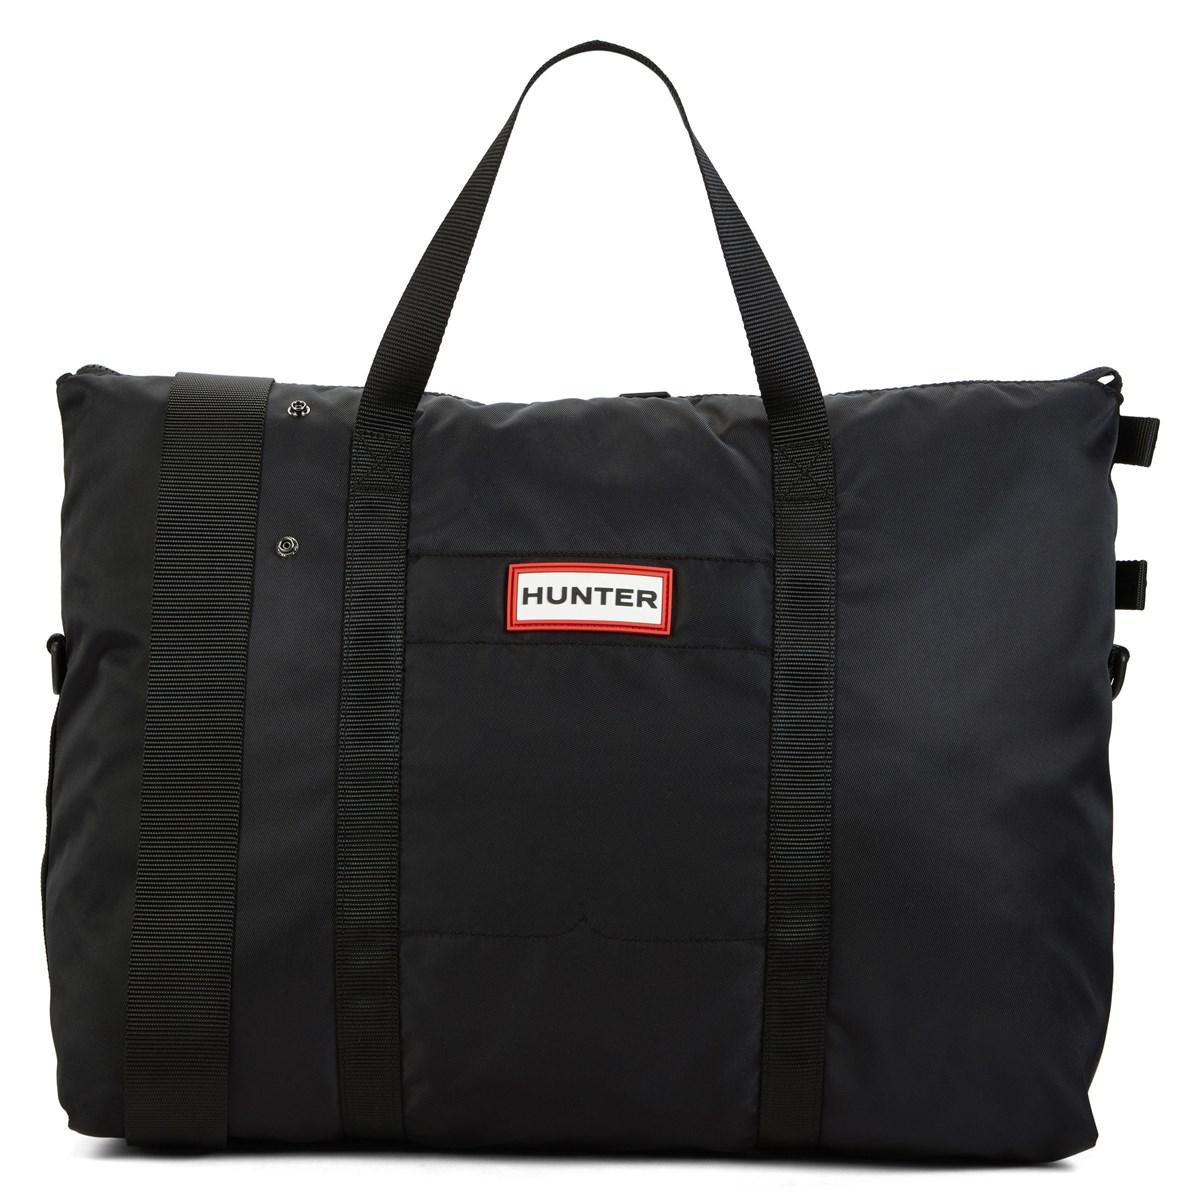 original nylon weekender black tote bag little burgundy. Black Bedroom Furniture Sets. Home Design Ideas